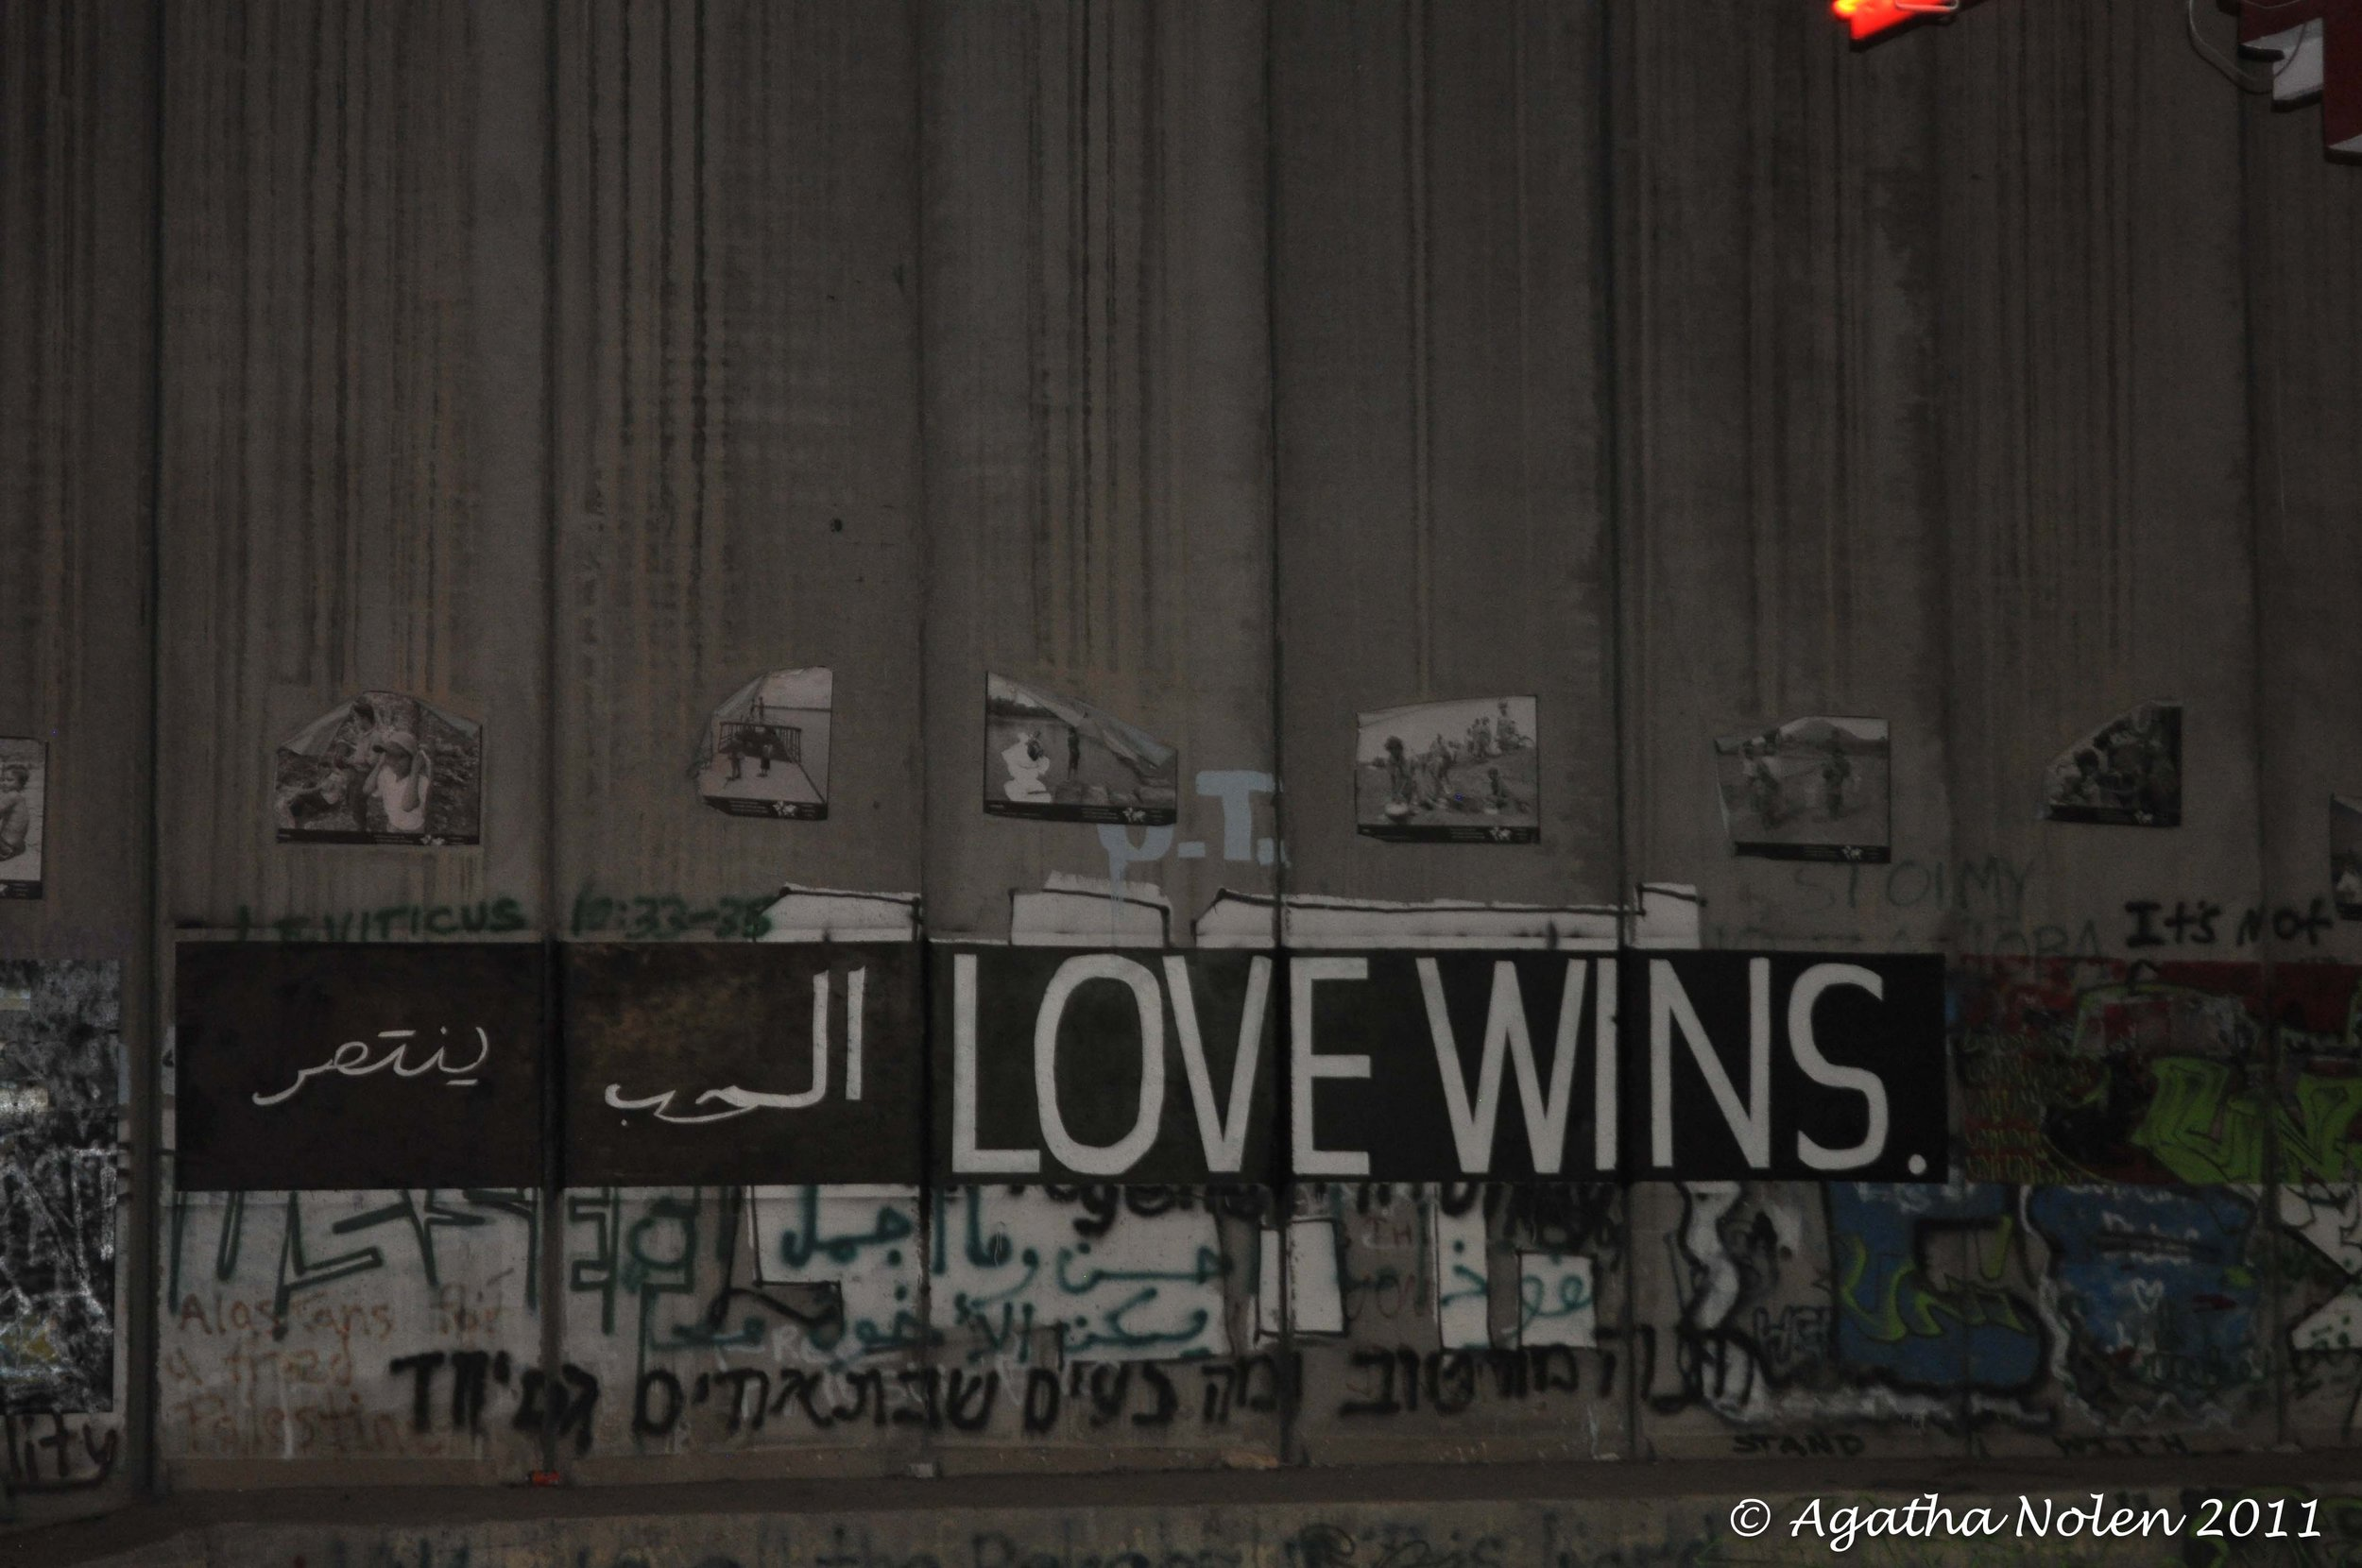 Separation Wall, Kando Store #7, Israel, 2011